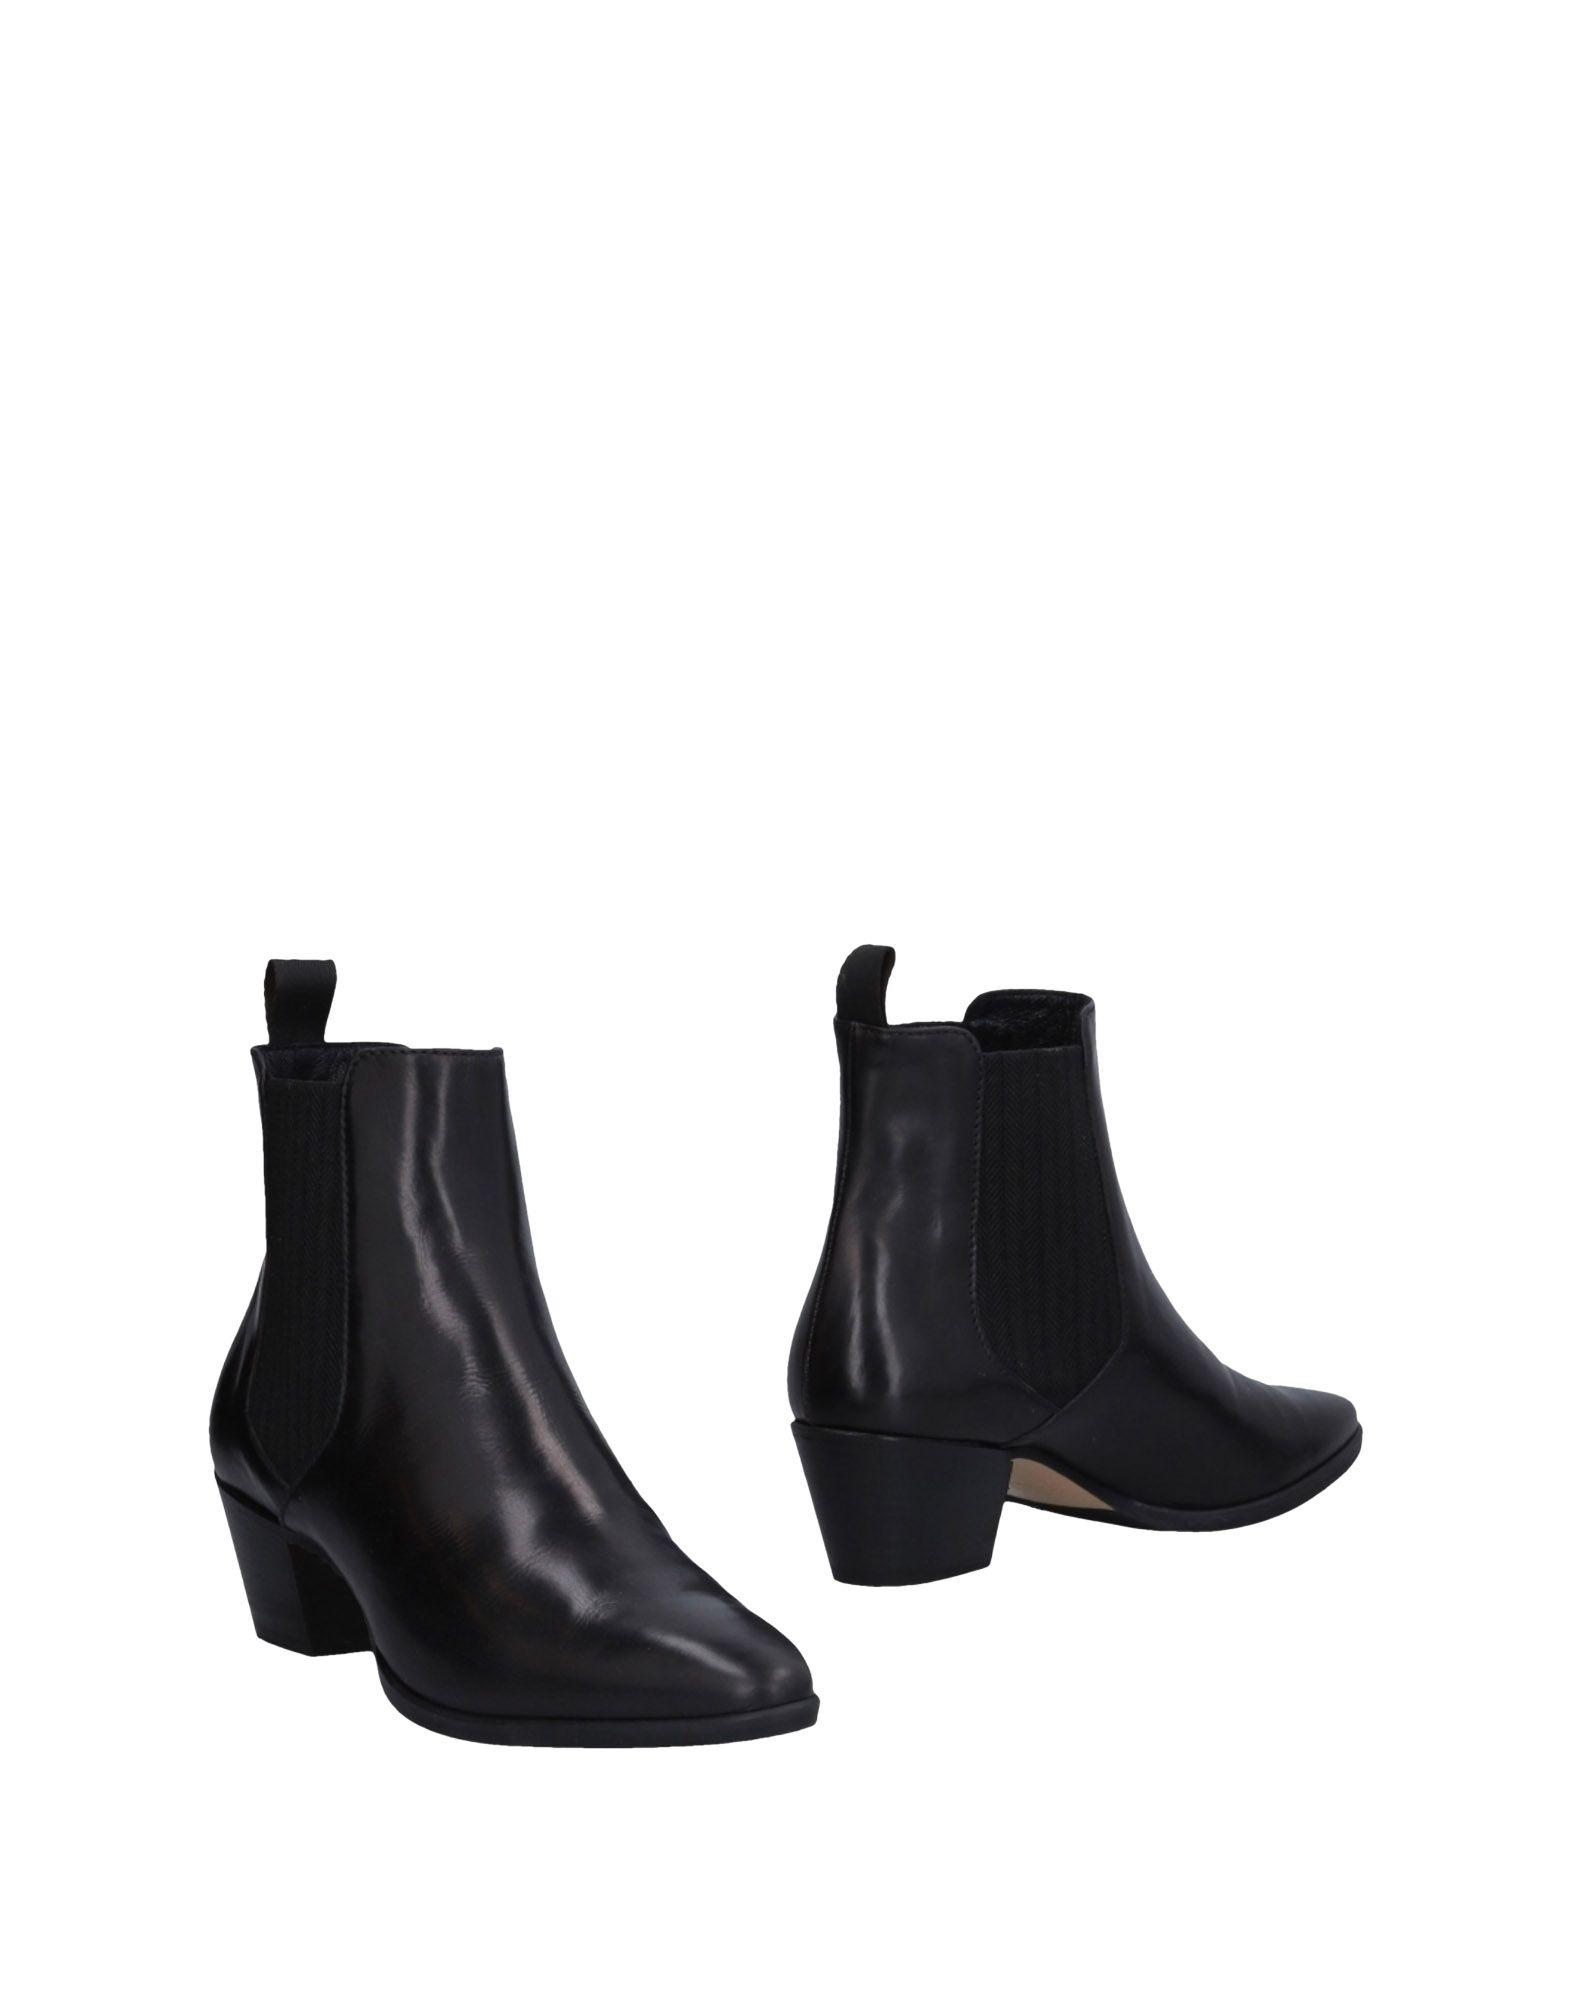 FRANCA Полусапоги и высокие ботинки цены онлайн